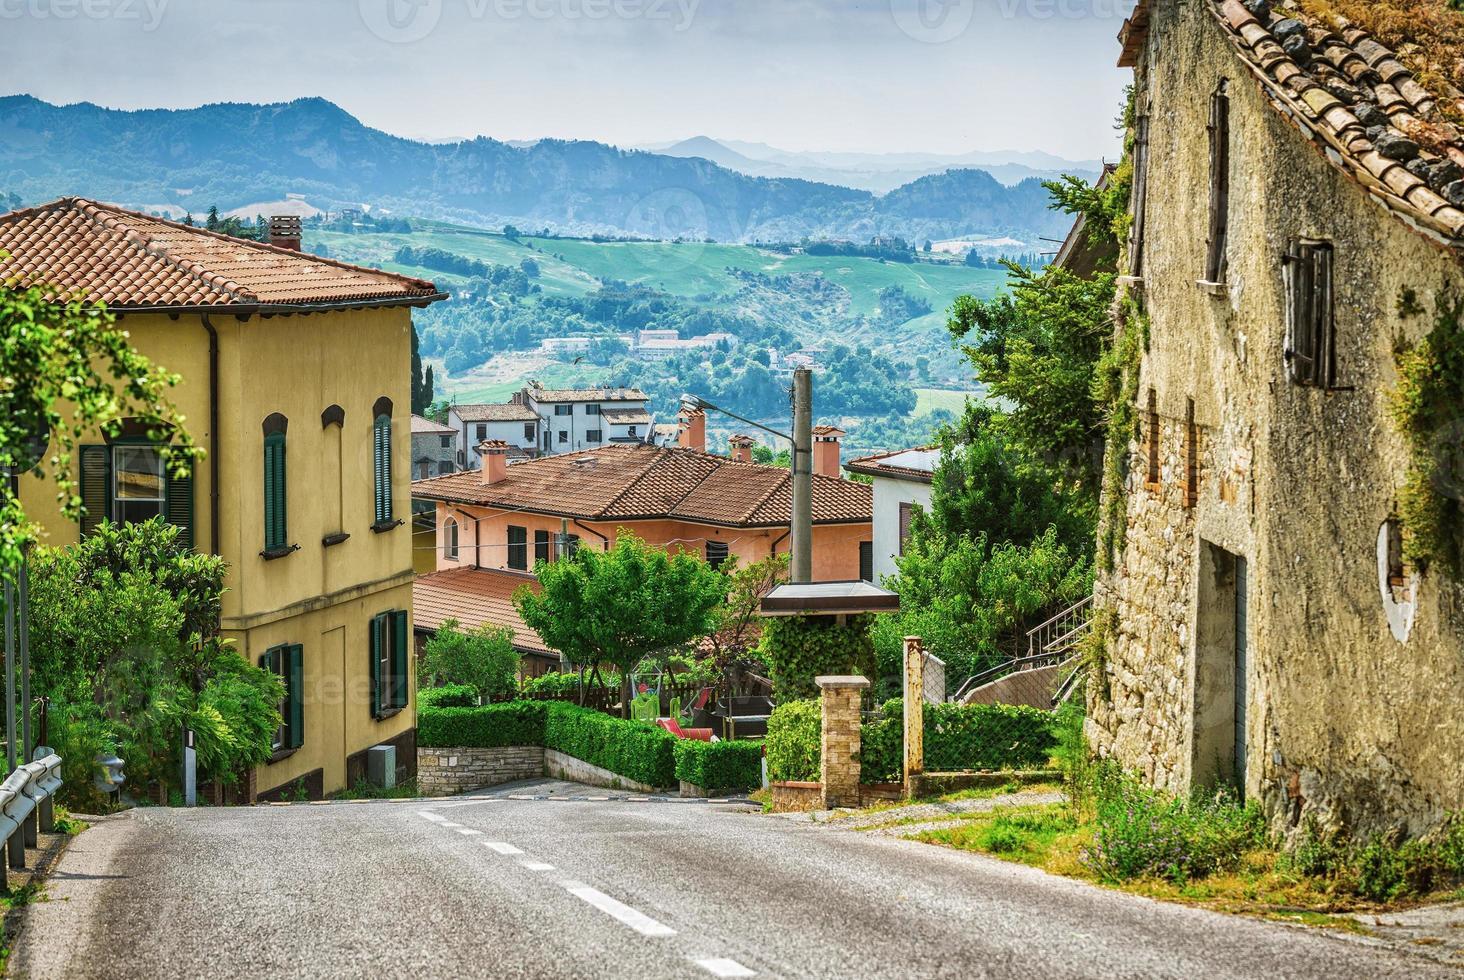 Rue italienne dans une petite ville de province de la Toscane photo